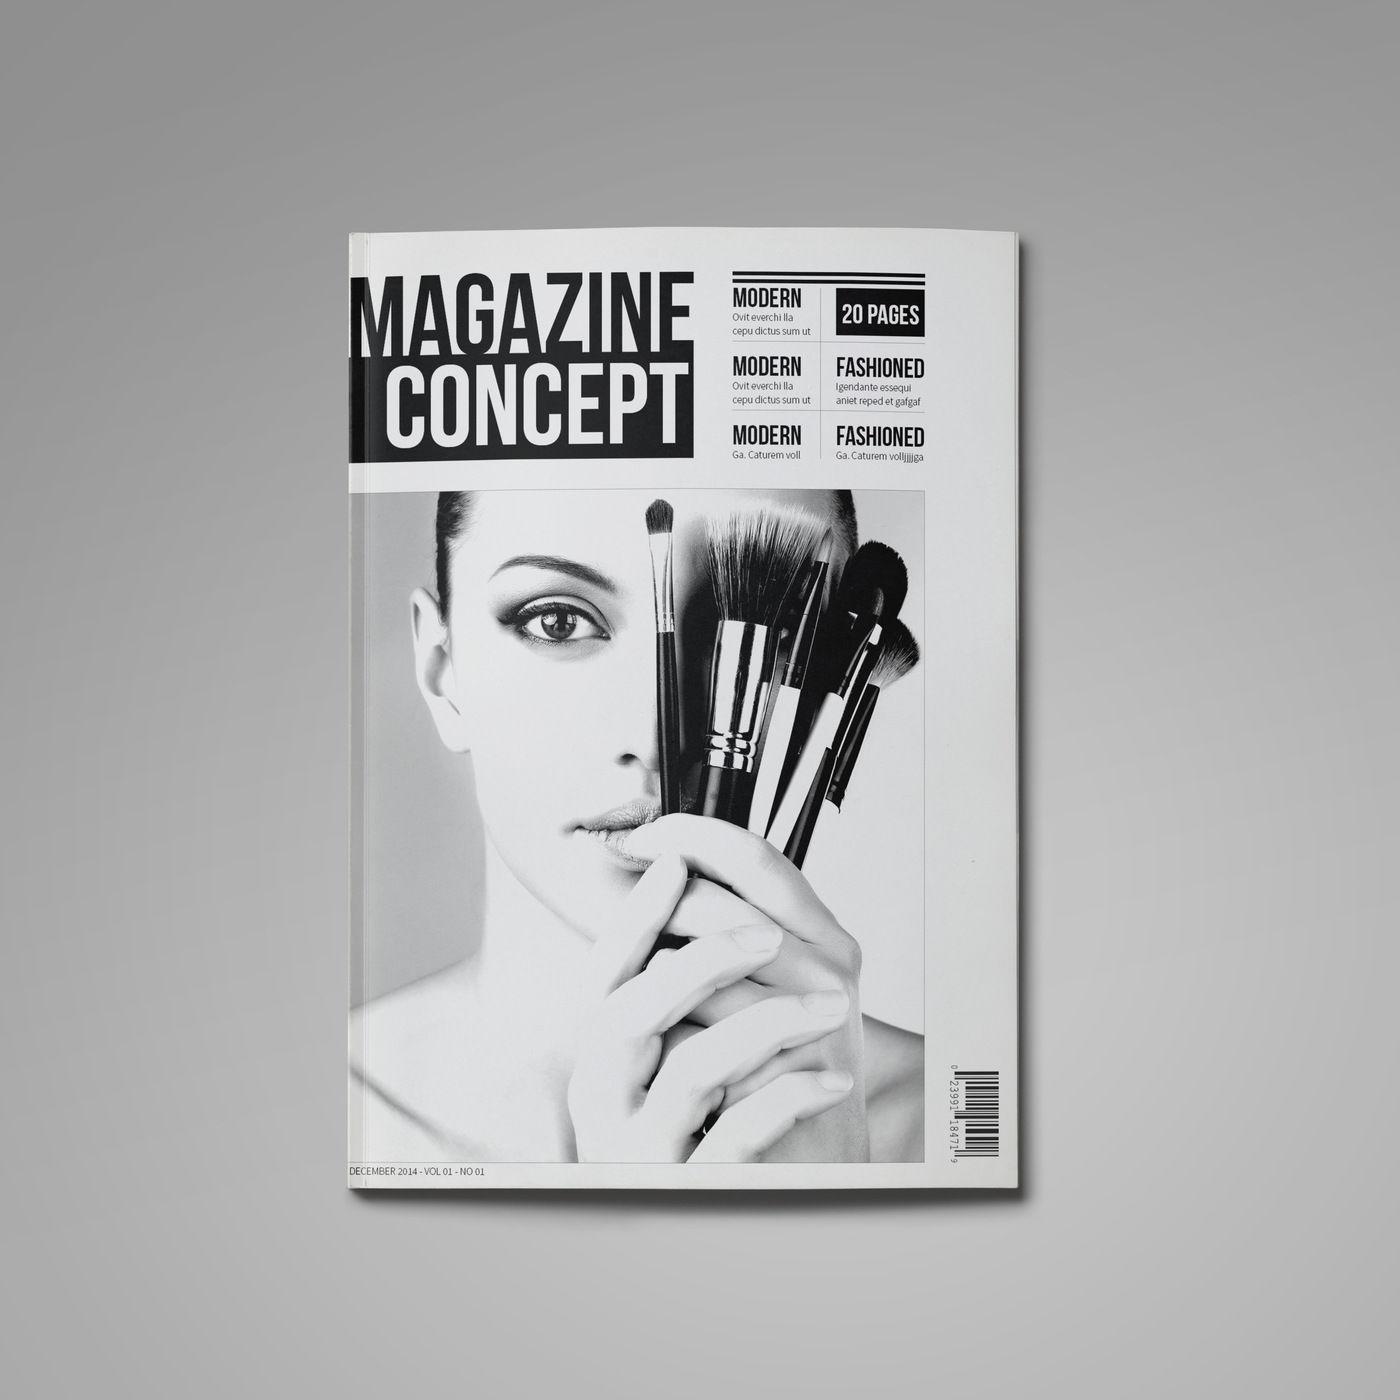 Free Indesign Template Multipurpose Magazine: Multipurpose InDesign Magazine Template By RudiSasori